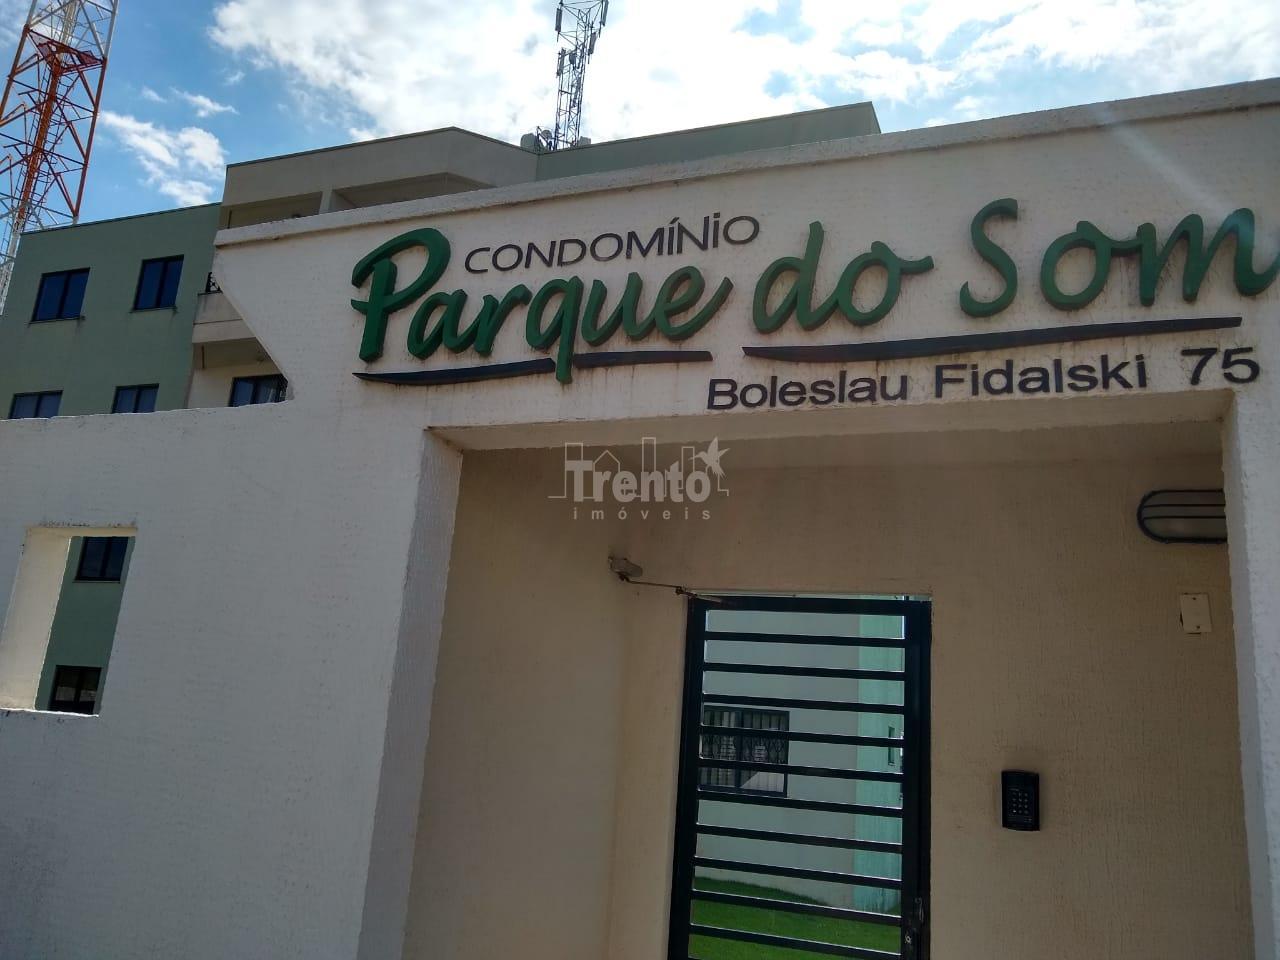 APTO NO ED. PARQUE DO SOM - DISPONÍVEL A PARTIR DE 01/02 - PATO BRANCO/PR